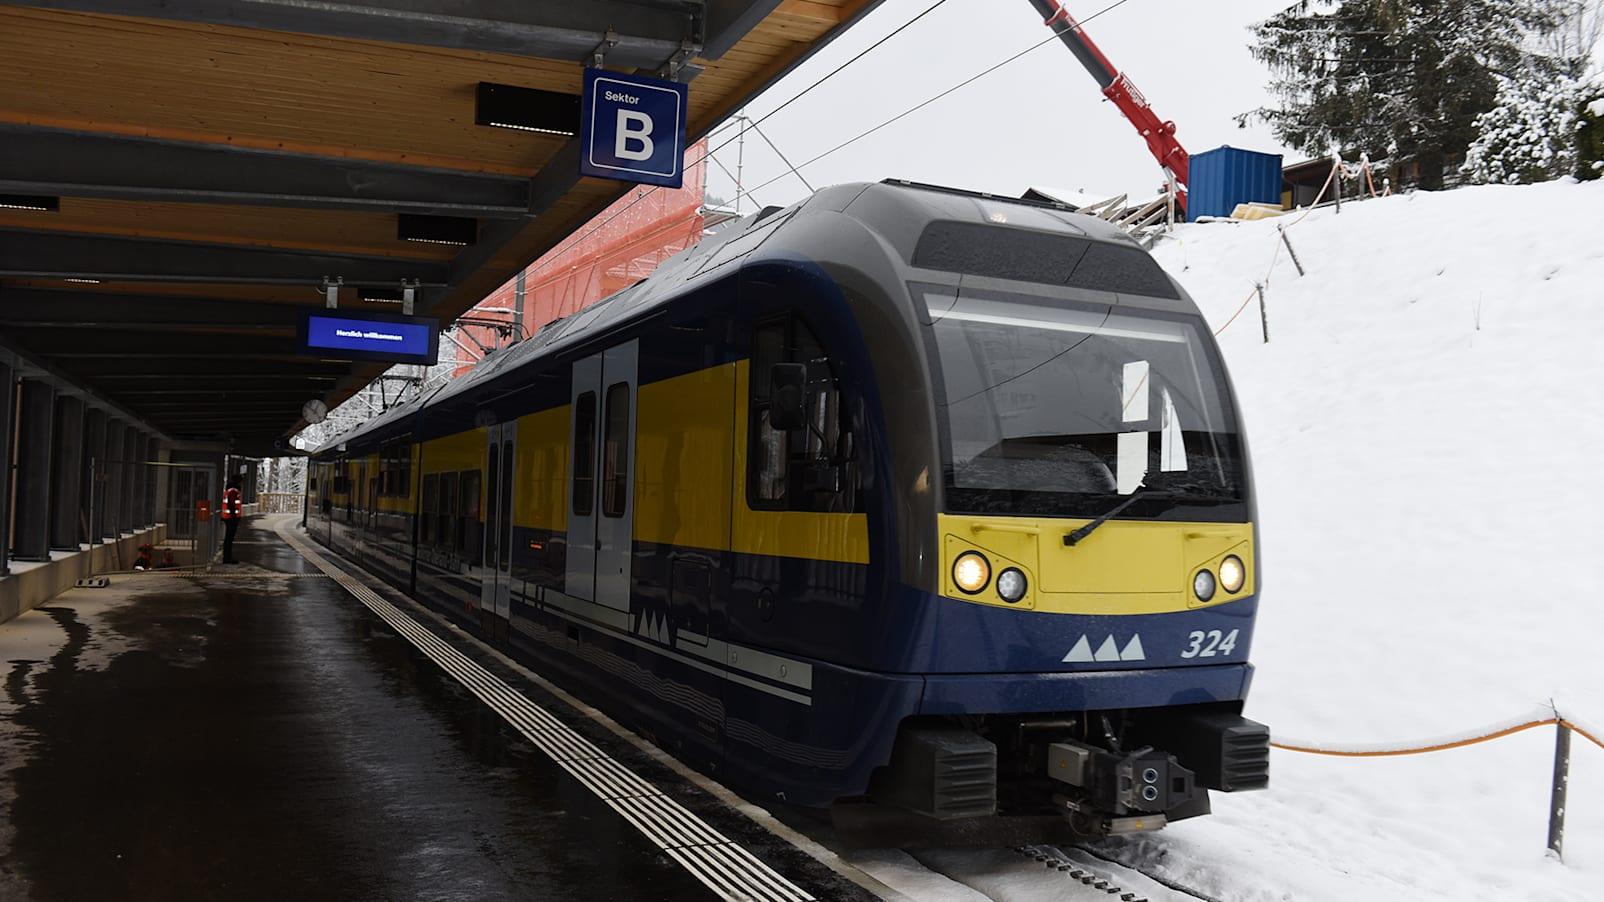 V Bahn BOB Station Grindelwald Terminal